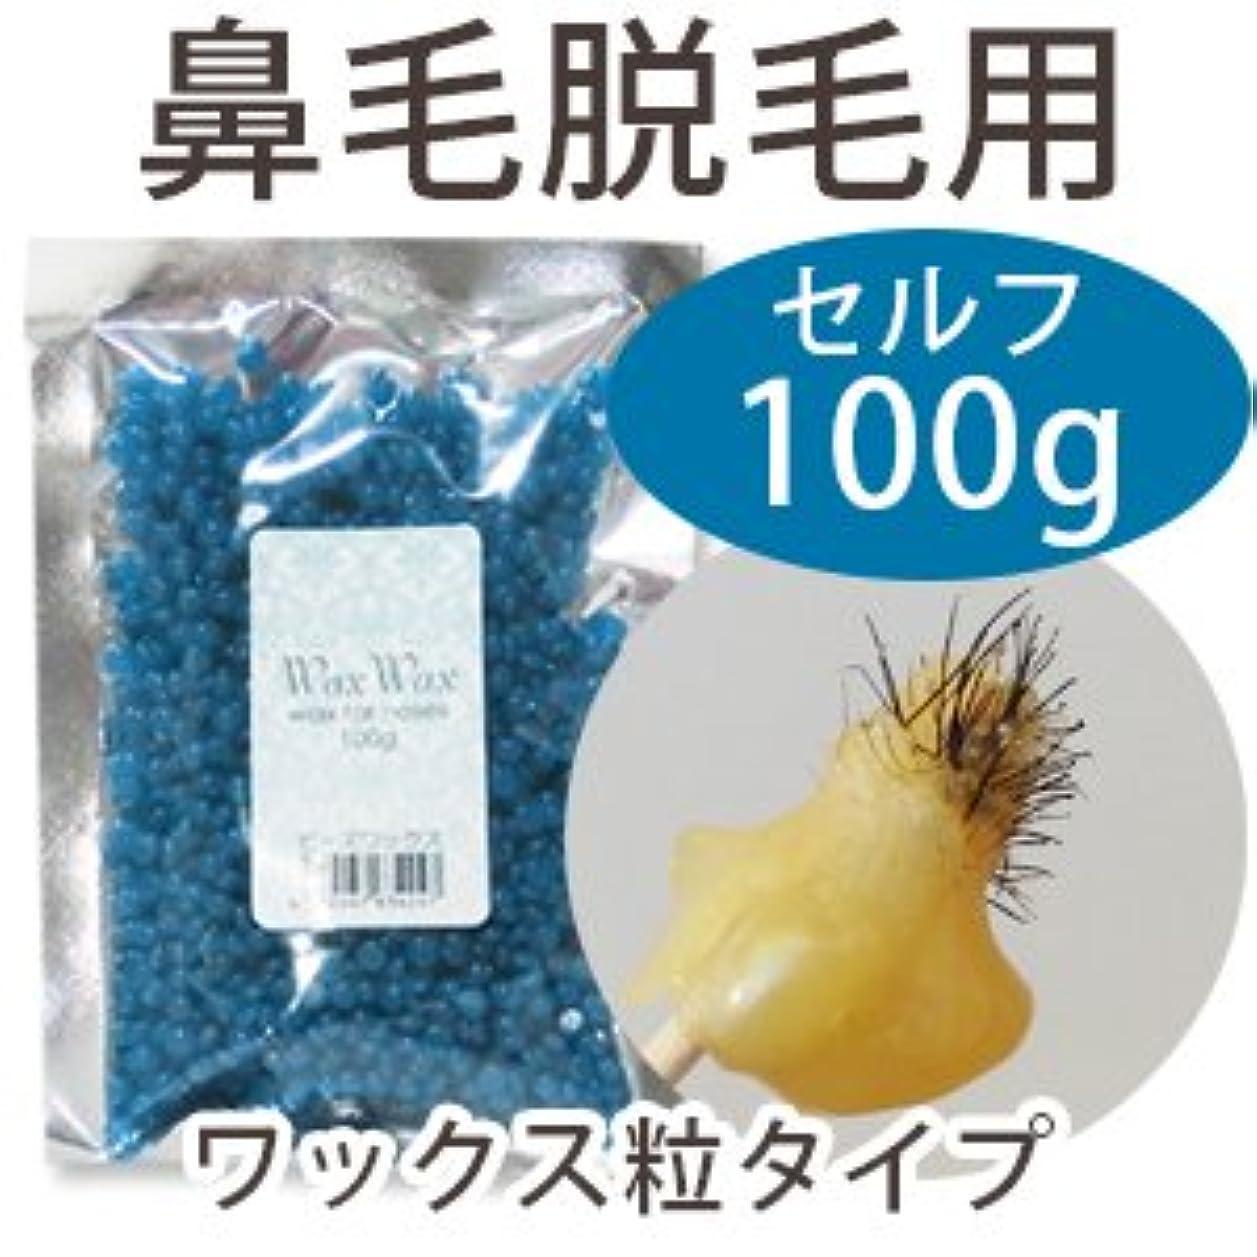 メロディアス露出度の高い父方の鼻毛 産毛 脱毛 ビーズ ワックス (ブルー 100g)